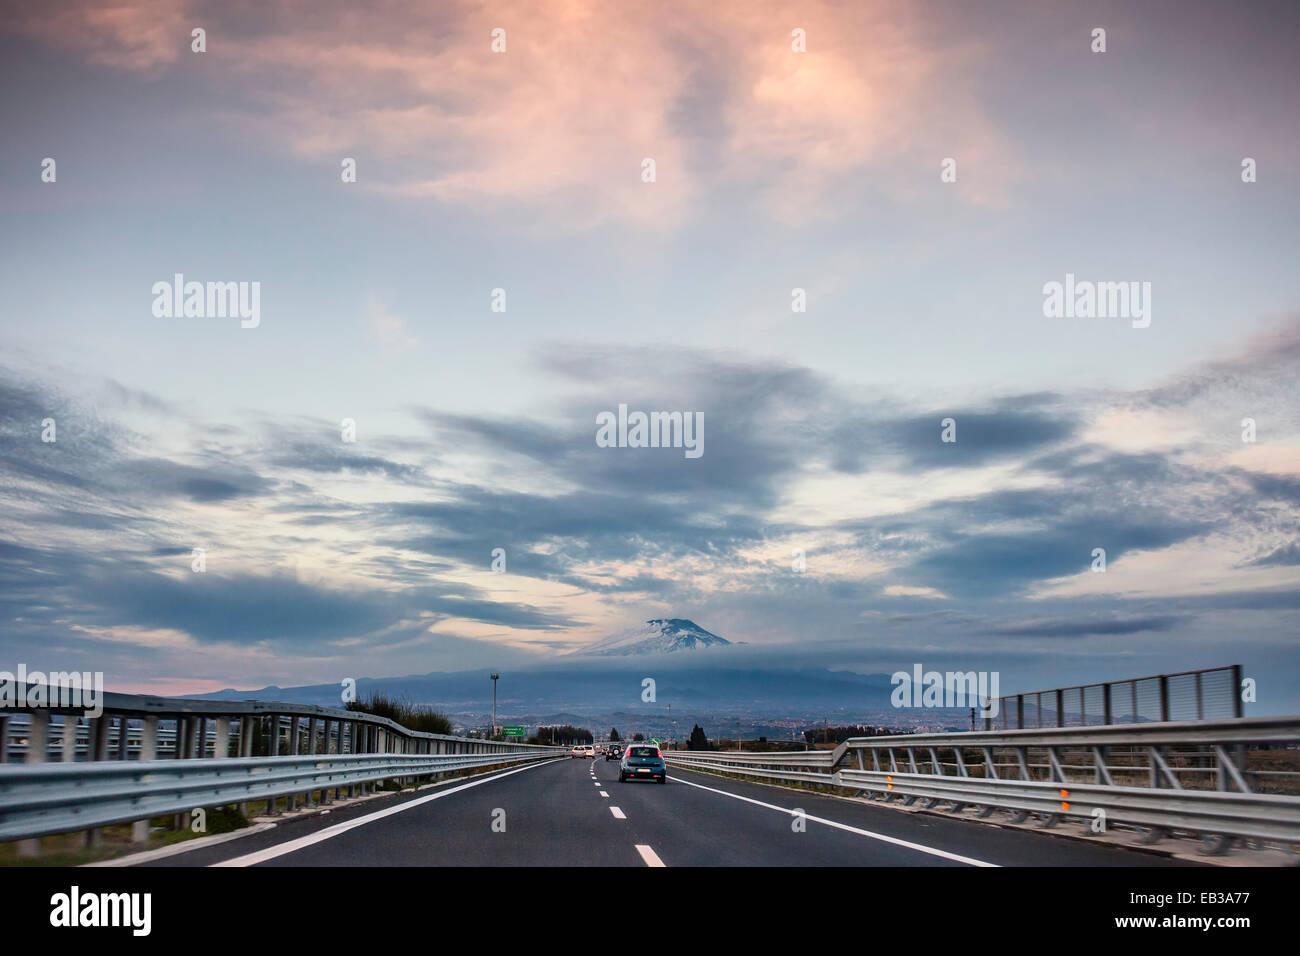 Italien, Sizilien, Catania, Blick auf Autobahn mit den Ätna am Horizont Stockbild